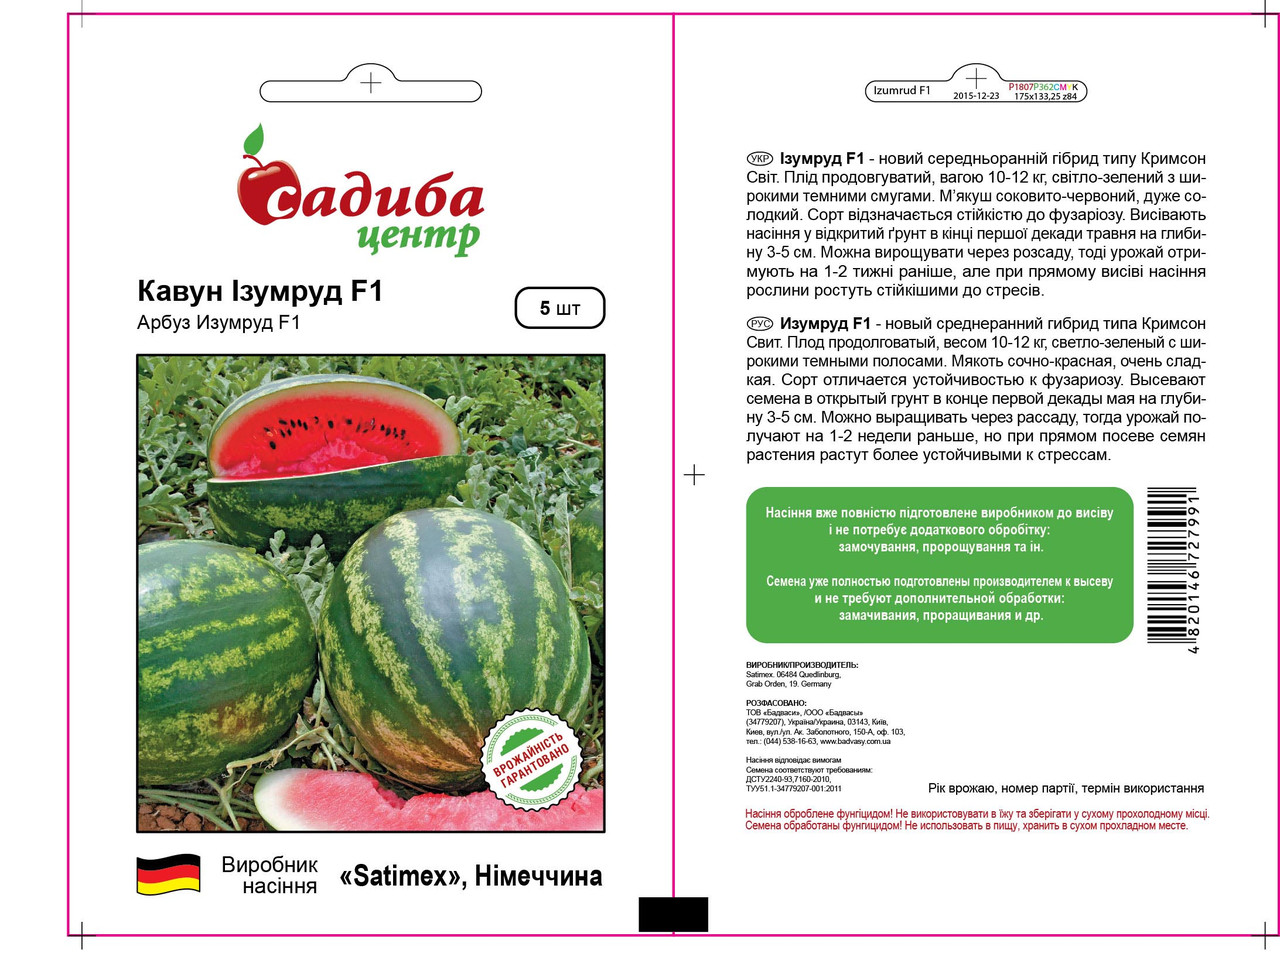 Семена арбуза Изумруд F1 (Satimex / САДЫБА ЦЕНТР) 5 шт - среднеранний, продолговатый, полосатый, 10-12 кг